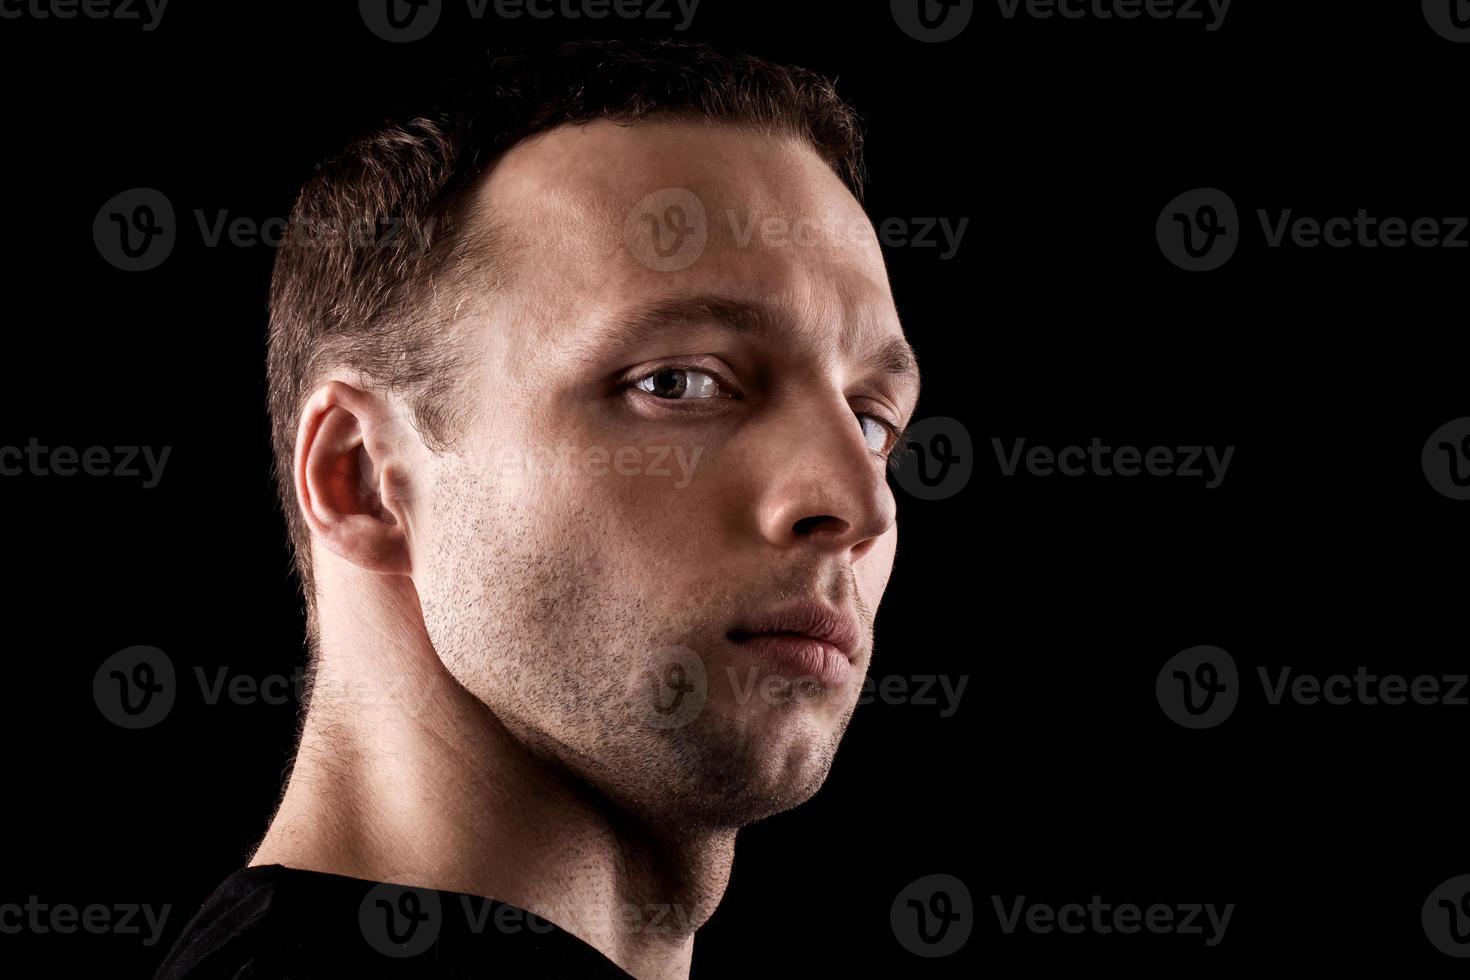 hooghartige jonge blanke man portret. close-up gezicht geïsoleerd op zwart foto